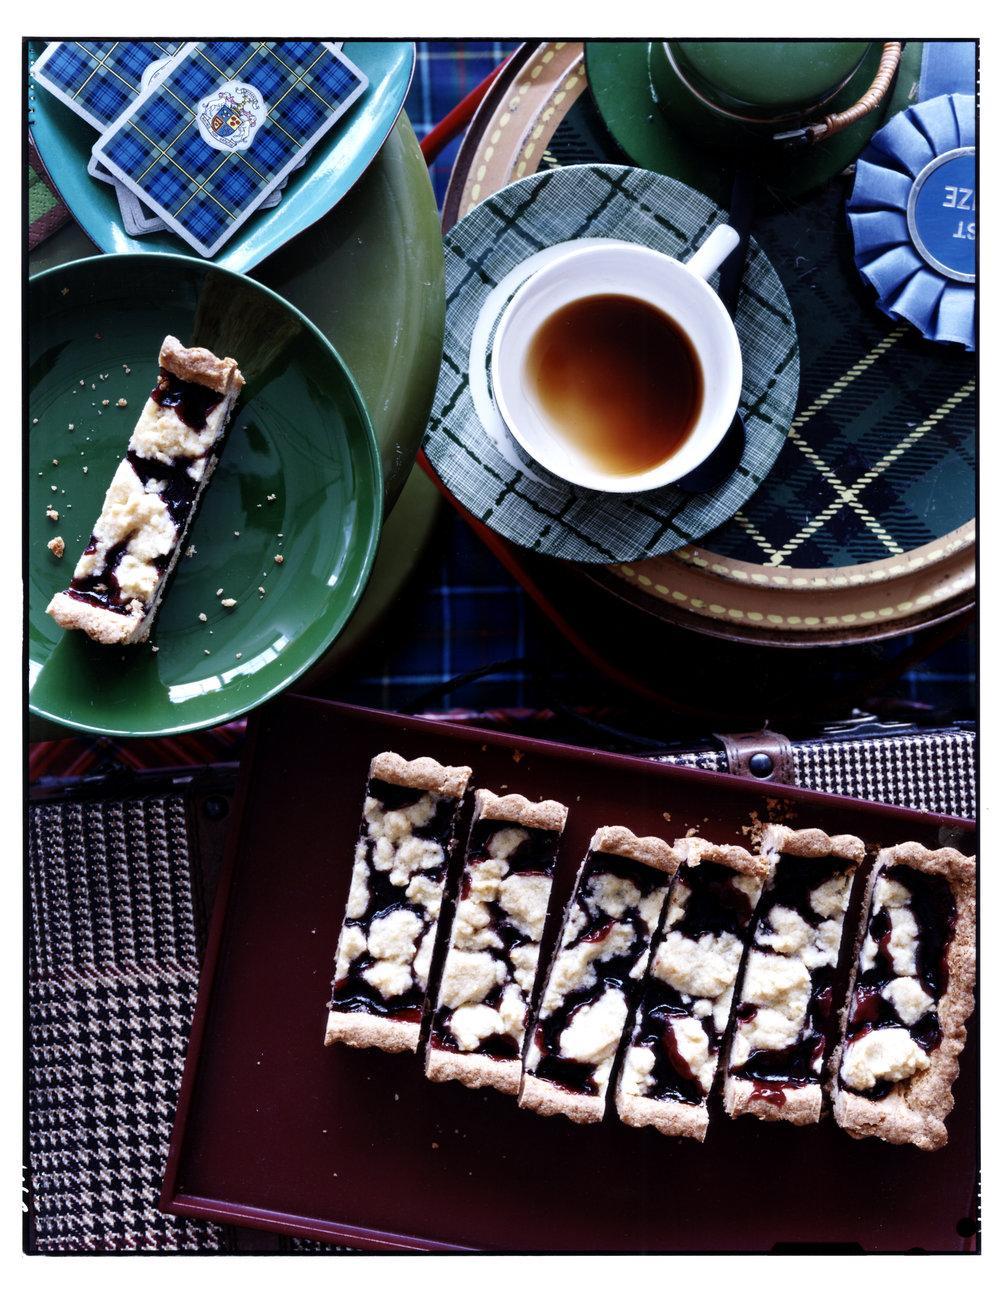 RG-009_0094-Gourmet.jpg